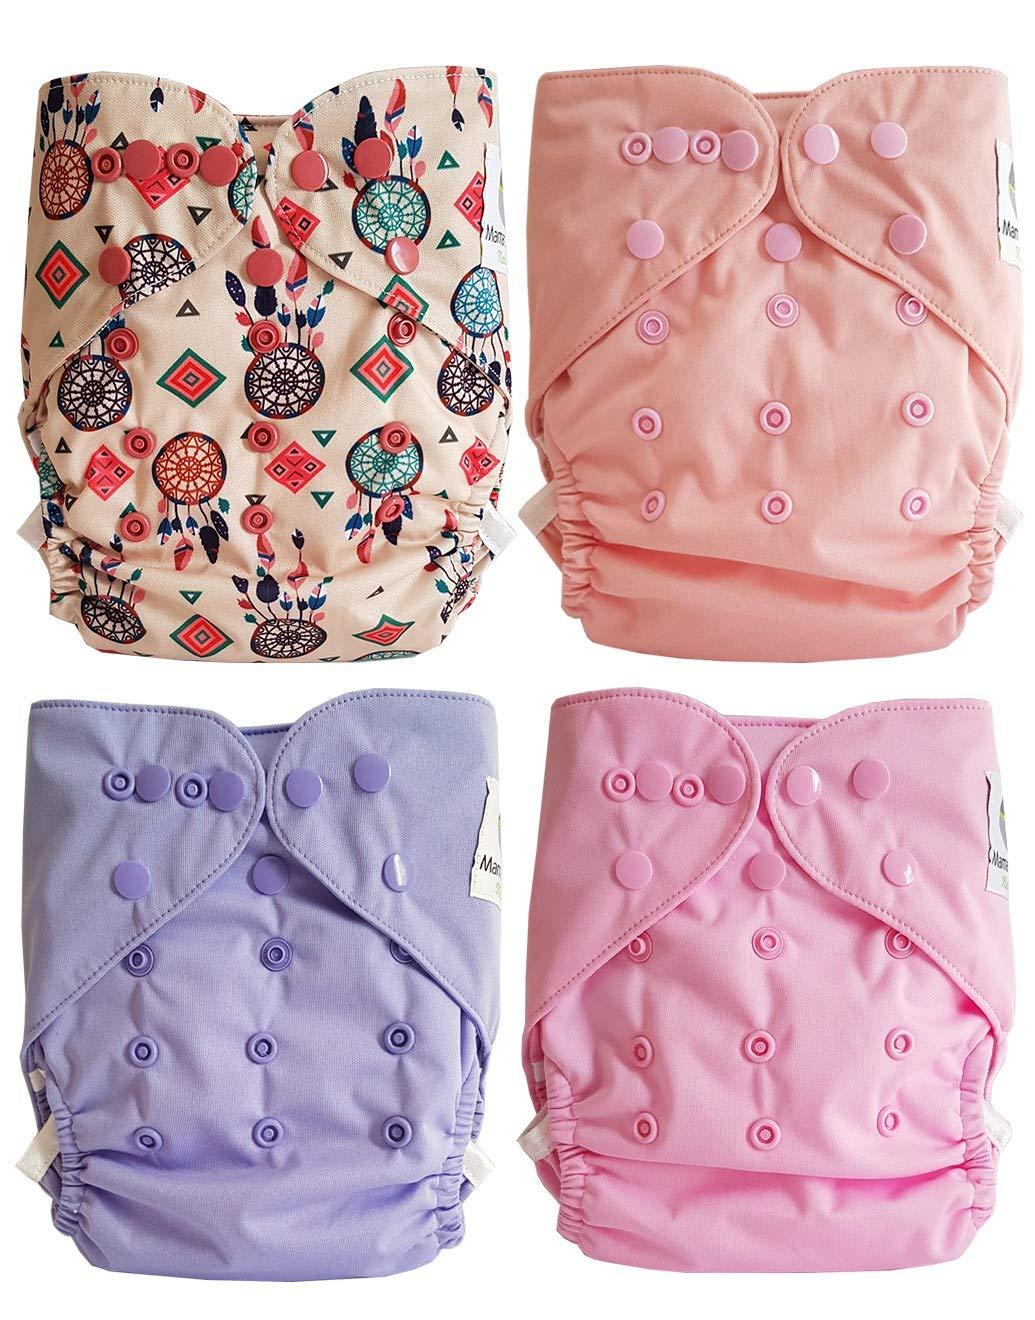 Maman et bb Nature Attrape r/êve Lot de 4 couches lavables TE2 /à doubles goussets